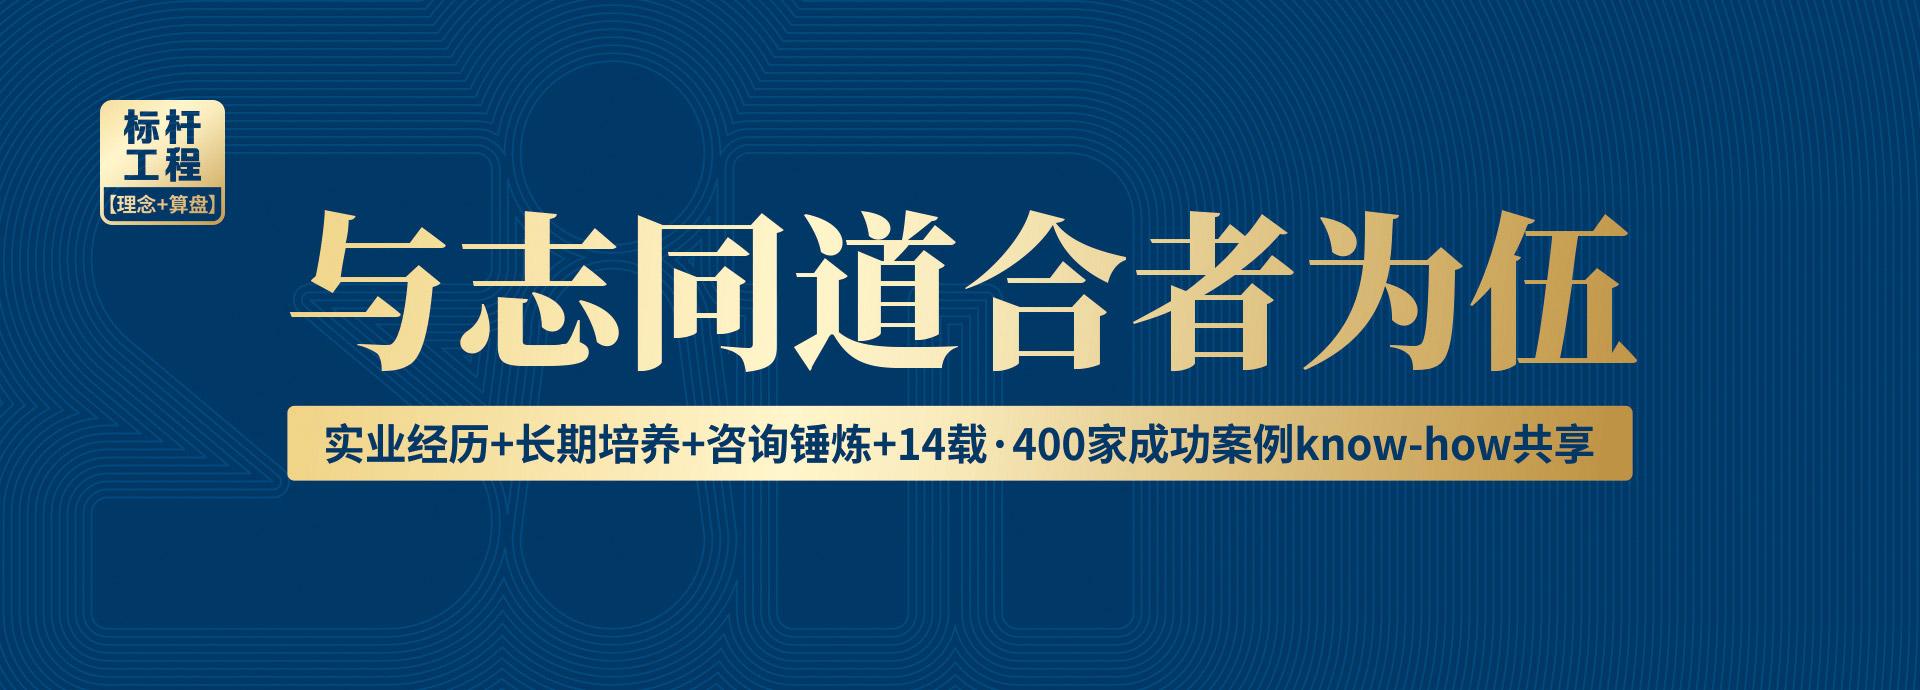 广州道成咨询-道成咨询公司简介-阿米巴咨询团队banner